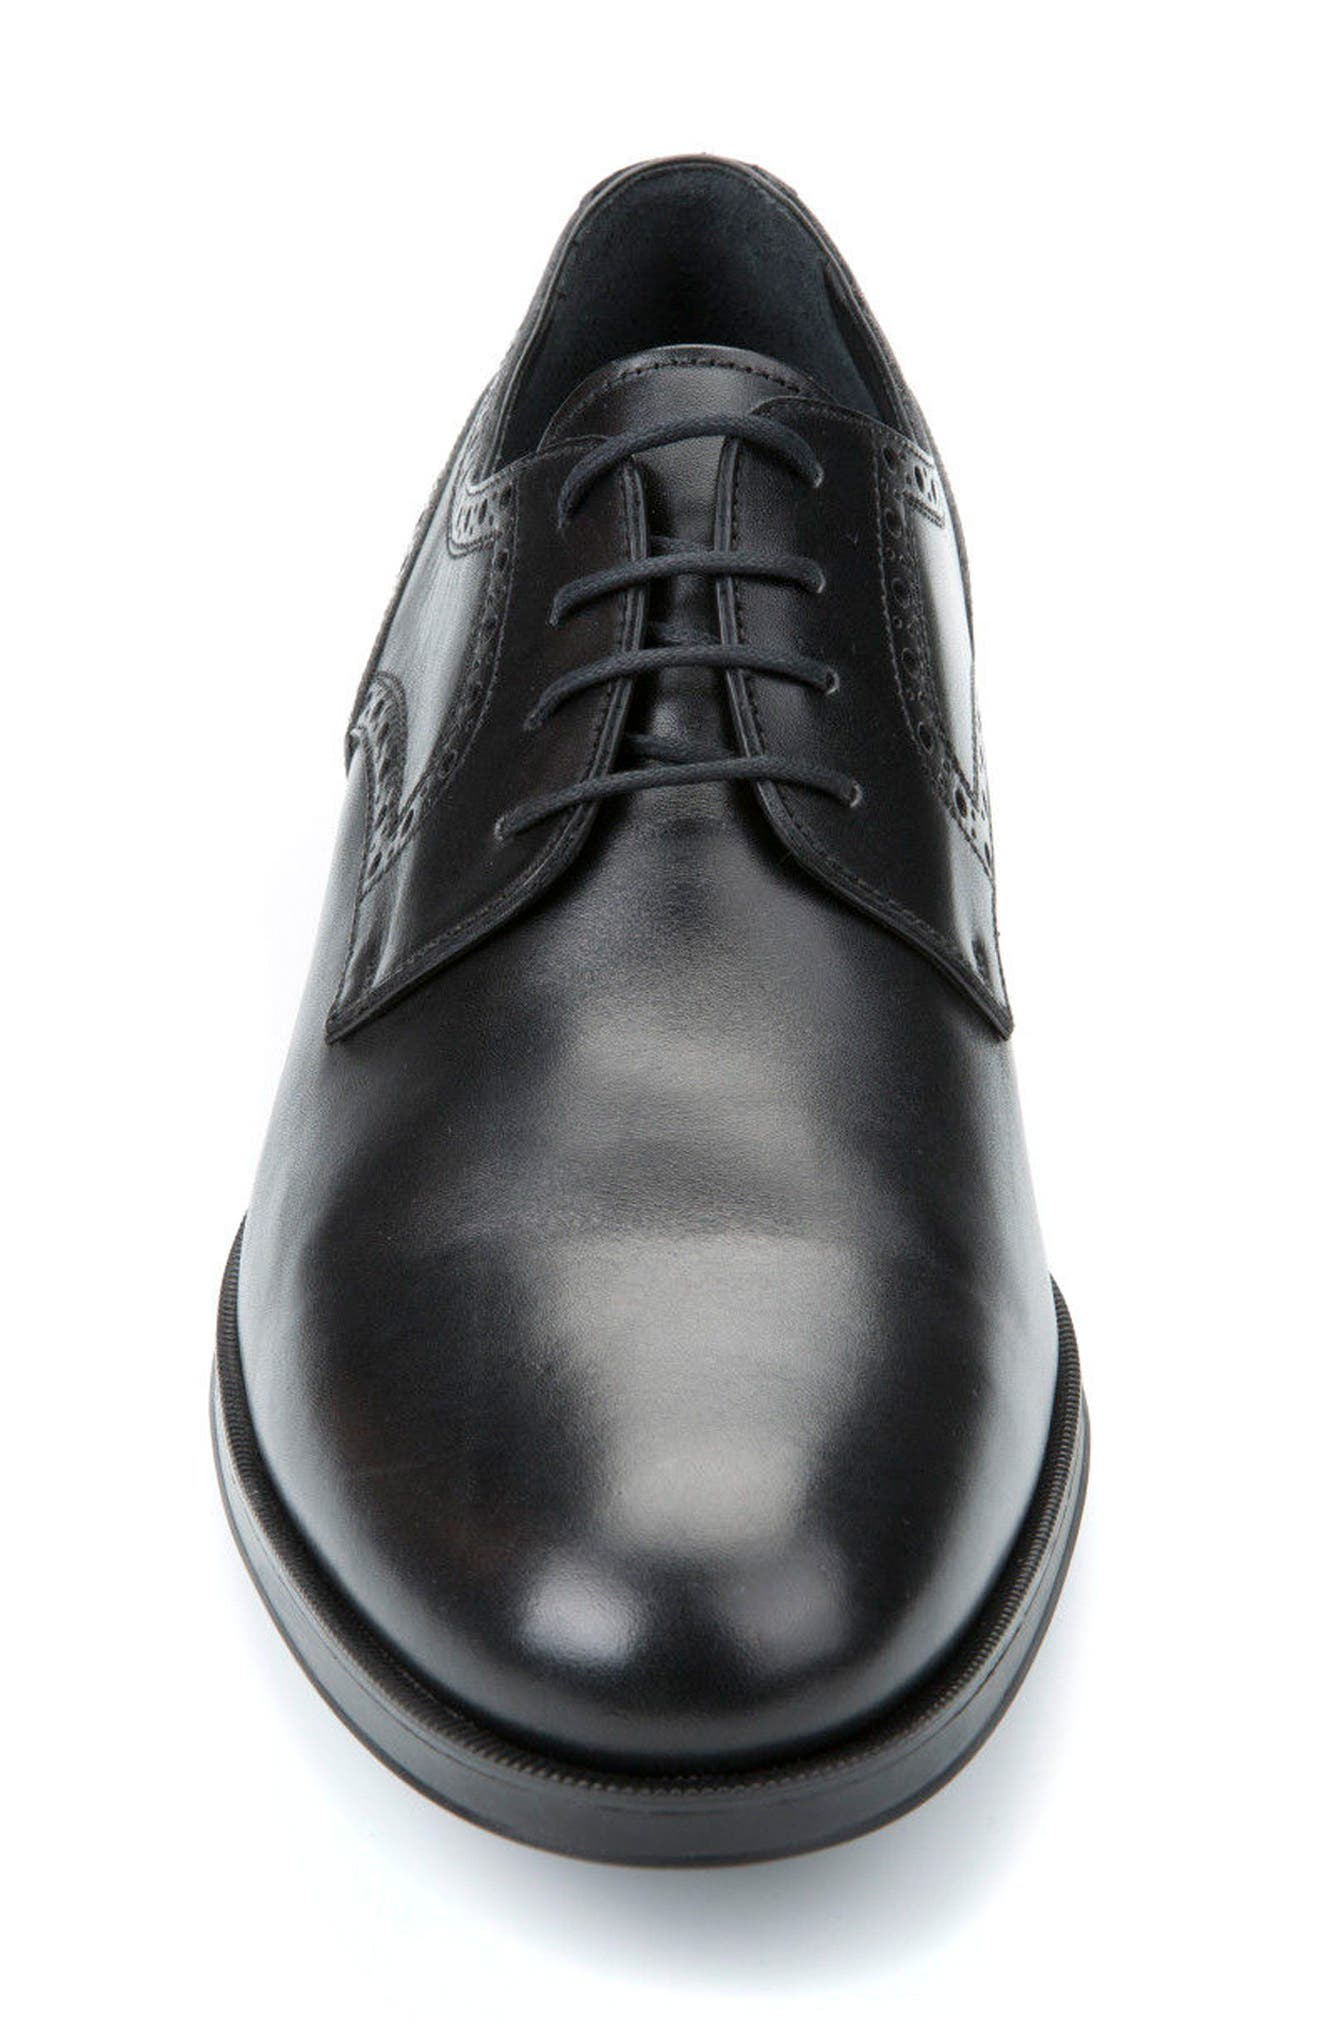 Hilstone 3 Plain Toe Derby,                             Alternate thumbnail 4, color,                             BLACK LEATHER